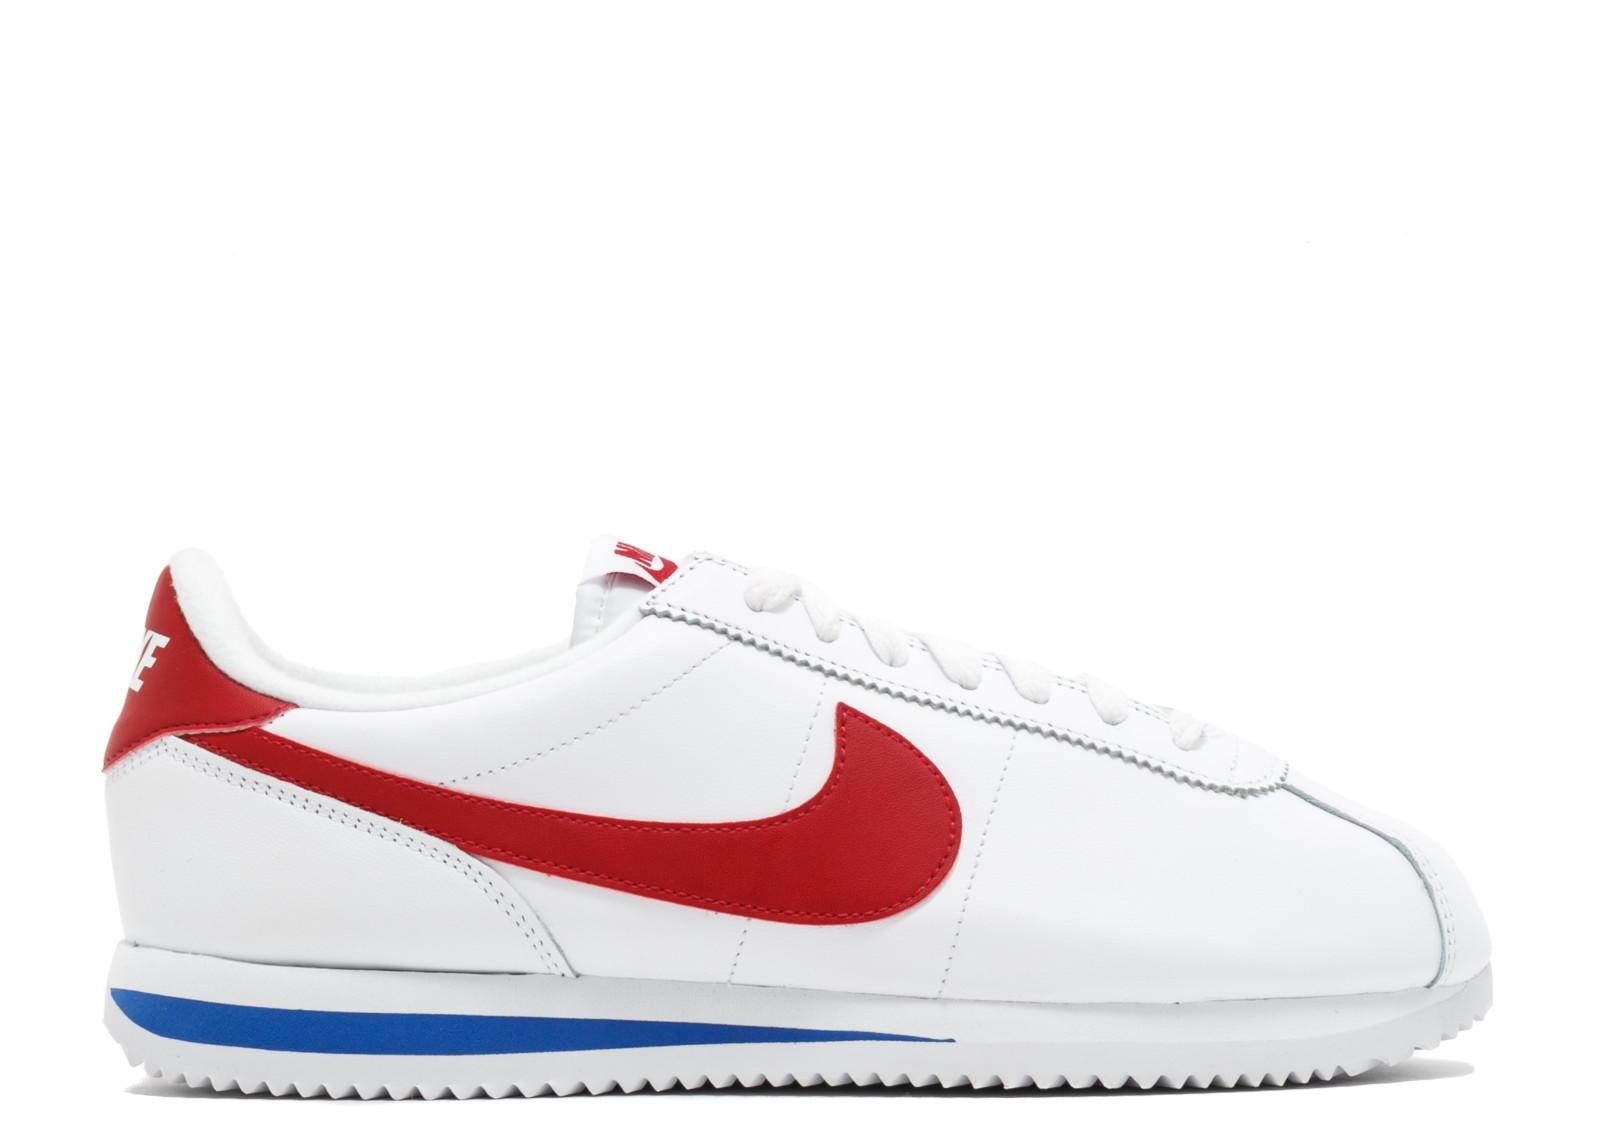 ナイキ ベーシック コルテッツ ベーシック レザー 赤 レッド メンズ WHITE 赤 男性用 スニーカー メンズ靴 靴【 NIKE CORTEZ BASIC LEATHER OG WHITE VARSITY RED】, ドリームコンタクト:0914fc14 --- debyn.com